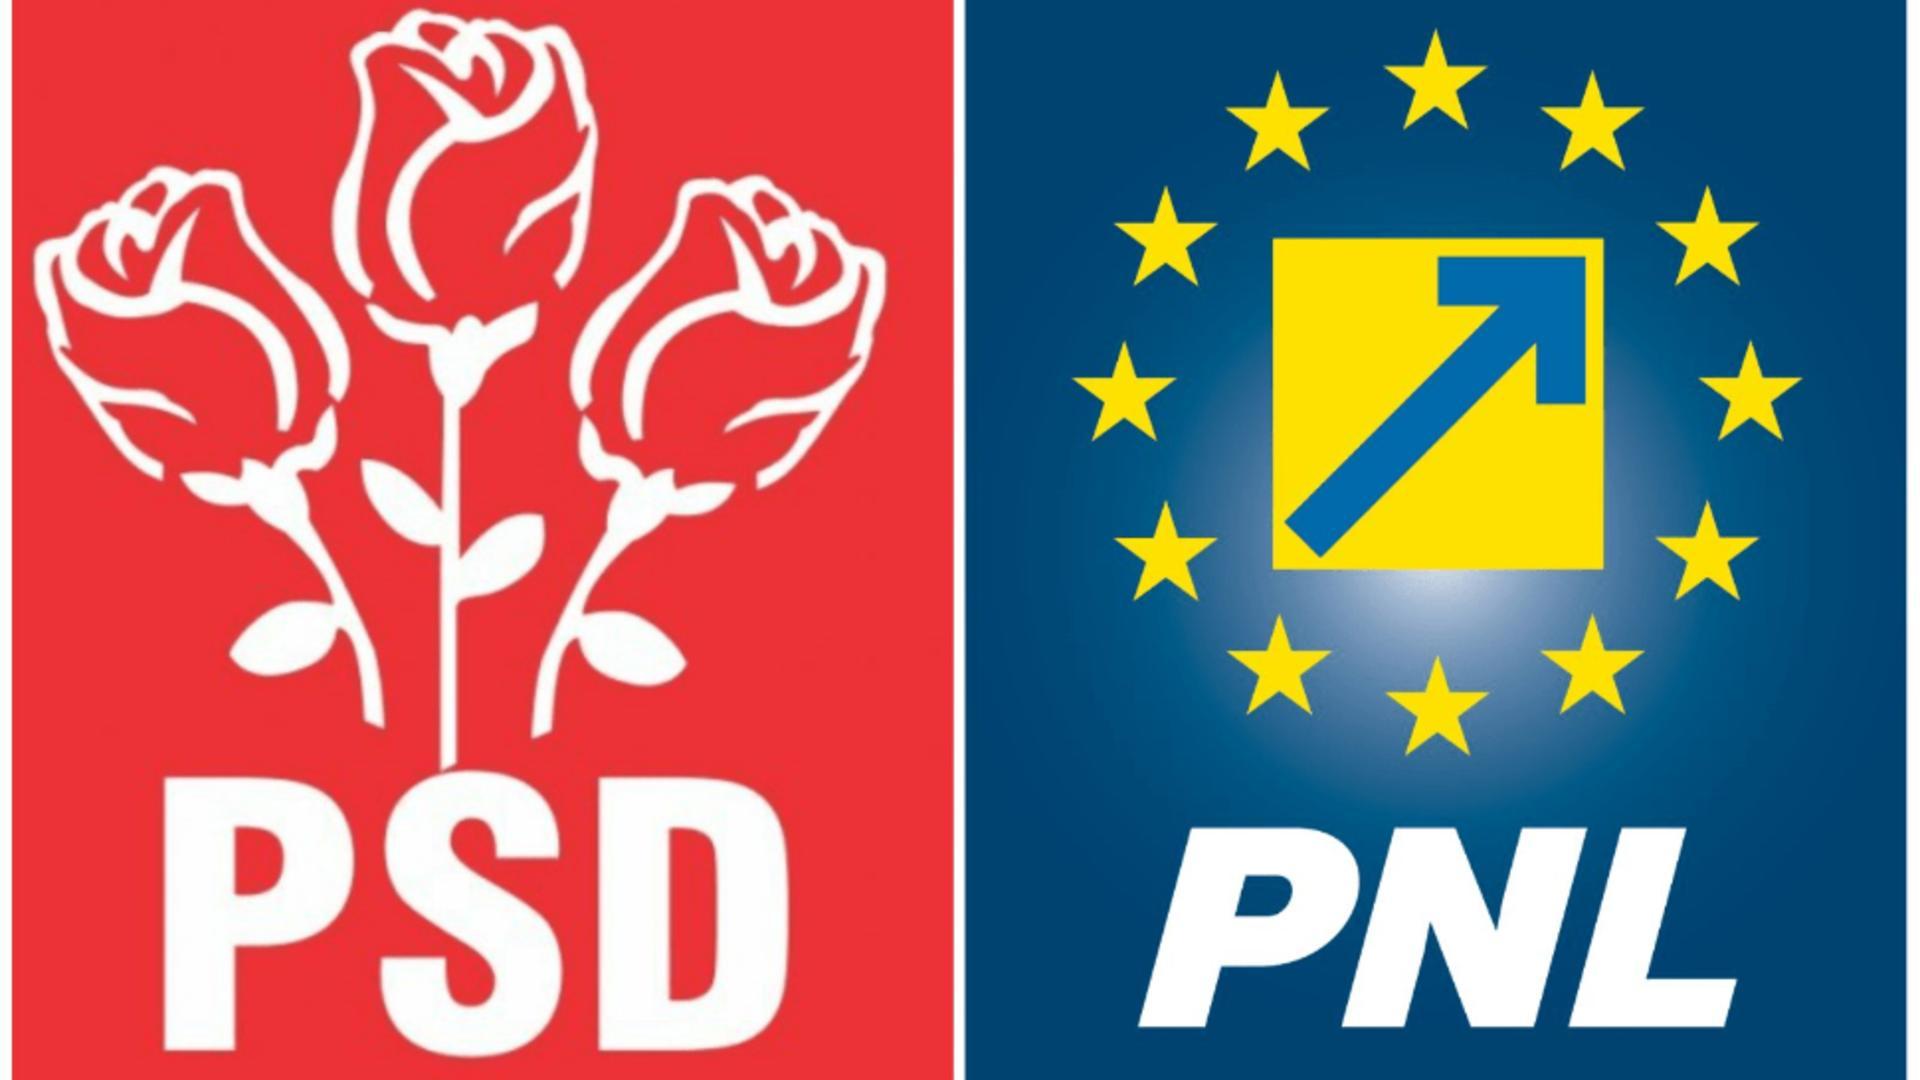 Culisele statului paralel | Începe bătălia pe șefia PNL și PSD. Cine intră în cursa pentru Cotroceni 2024 - Ce șanse au Orban, Cîțu și Geoană